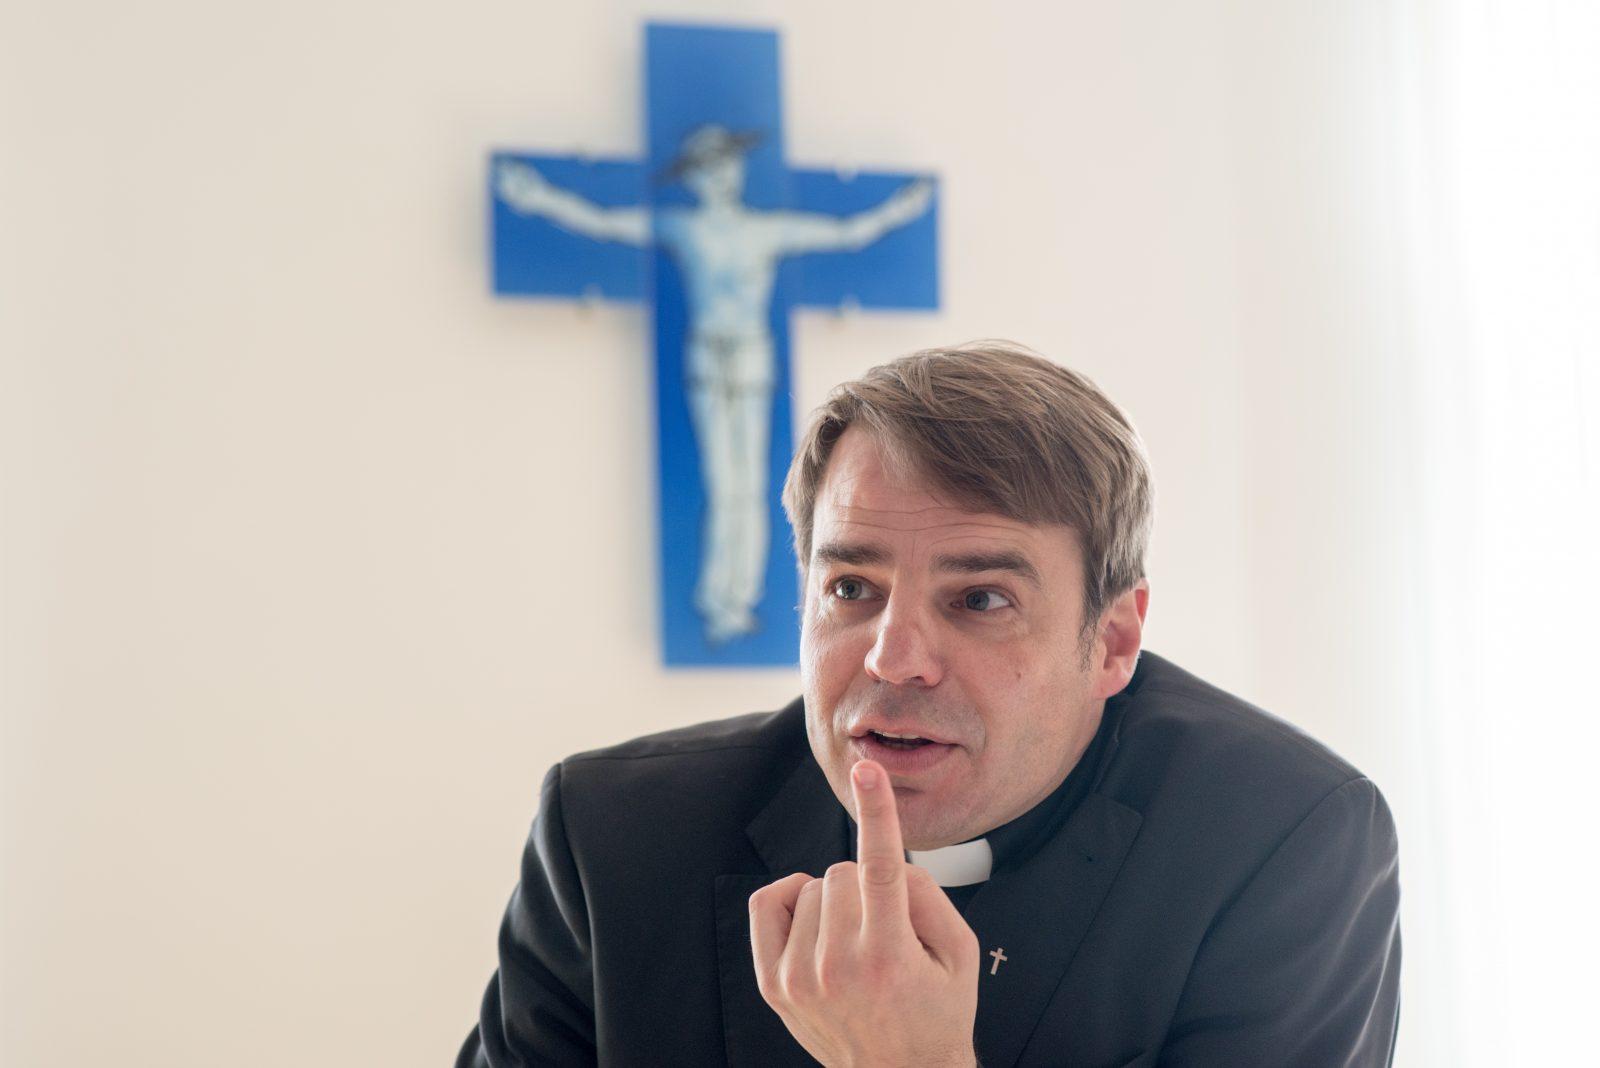 Bischof Stefan Oster: Gefühle dürften kein Argument dafür sein, die Diskursfreiheit einzuschränken